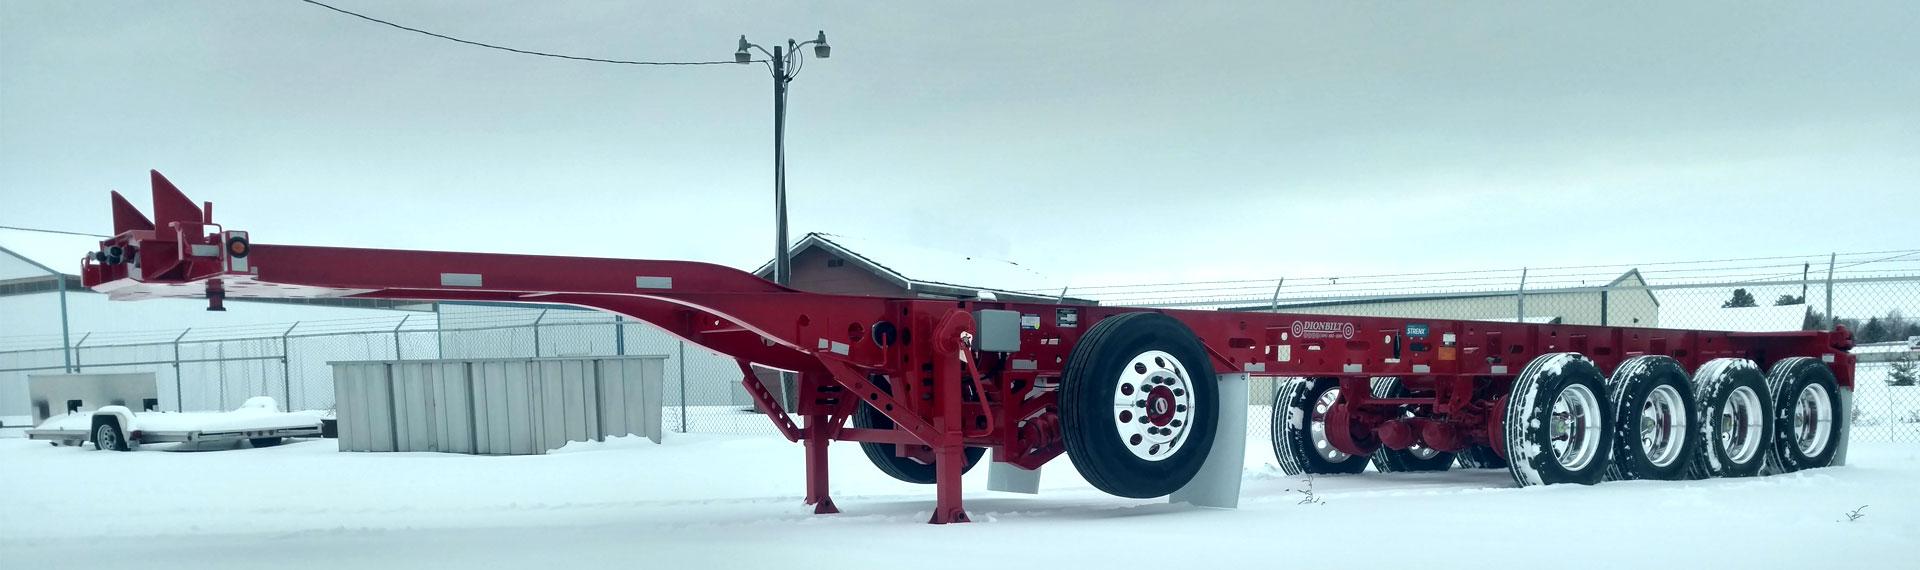 Strenx® 100 -teräksestä valmistettu pitkä, kevyt perävaunualusta lumisissa olosuhteissa